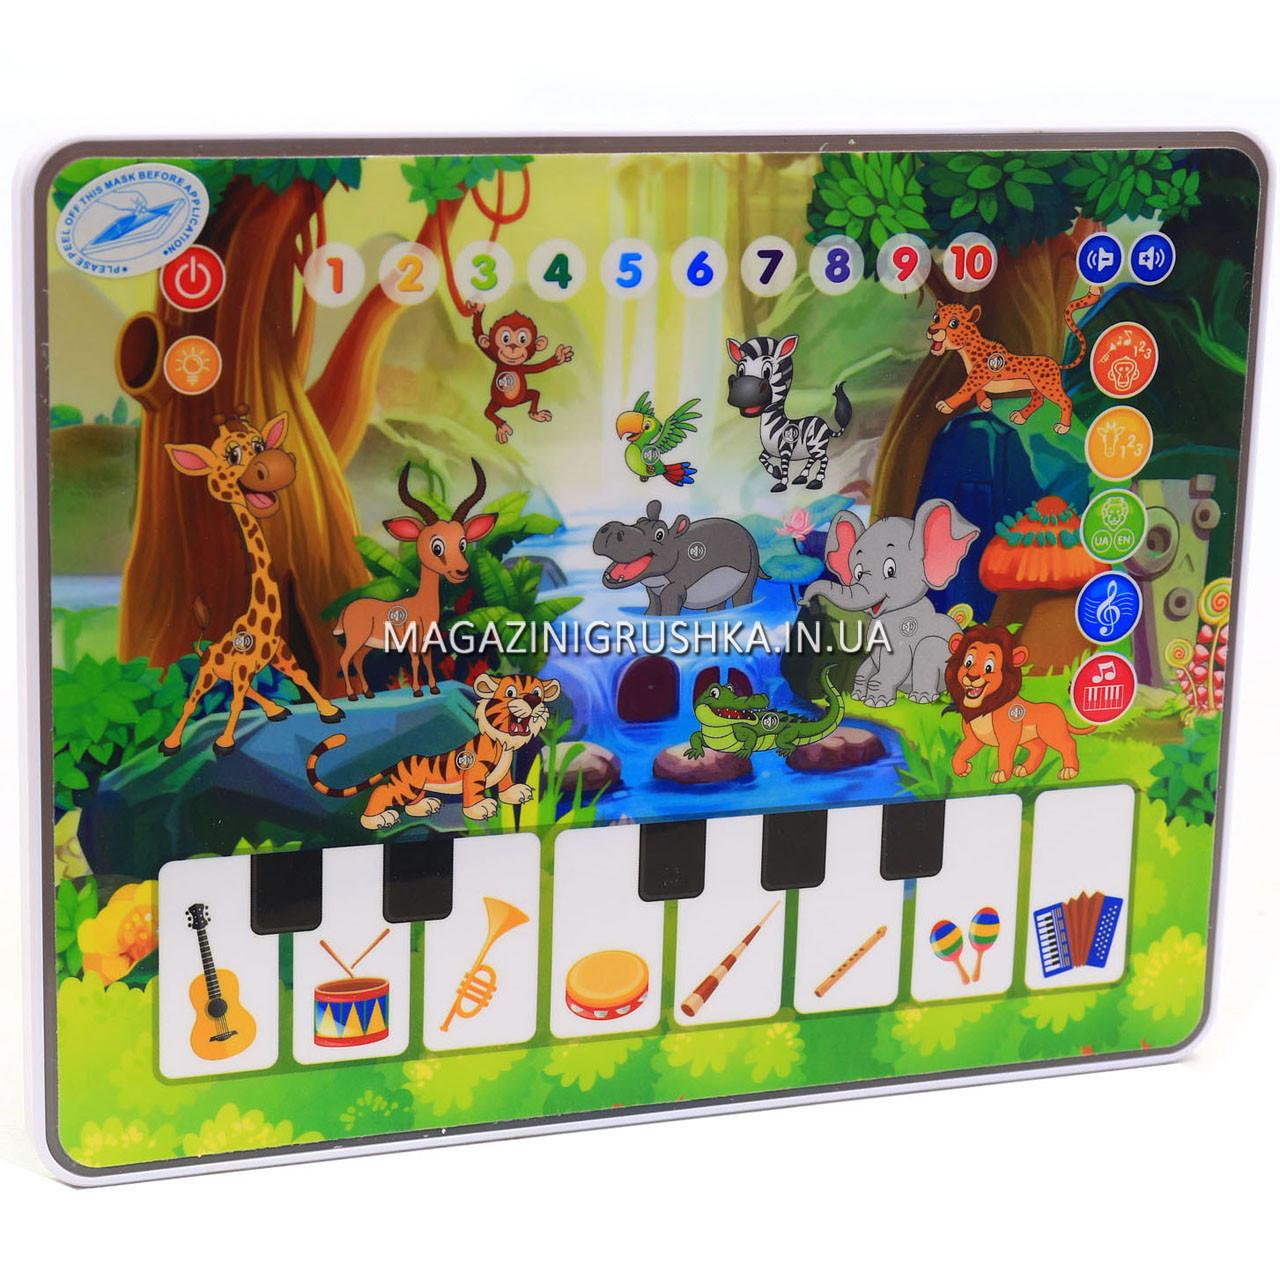 Развивающий музыкальный детский обучающий планшет «Зоопарк» M 3812 Limo Toy